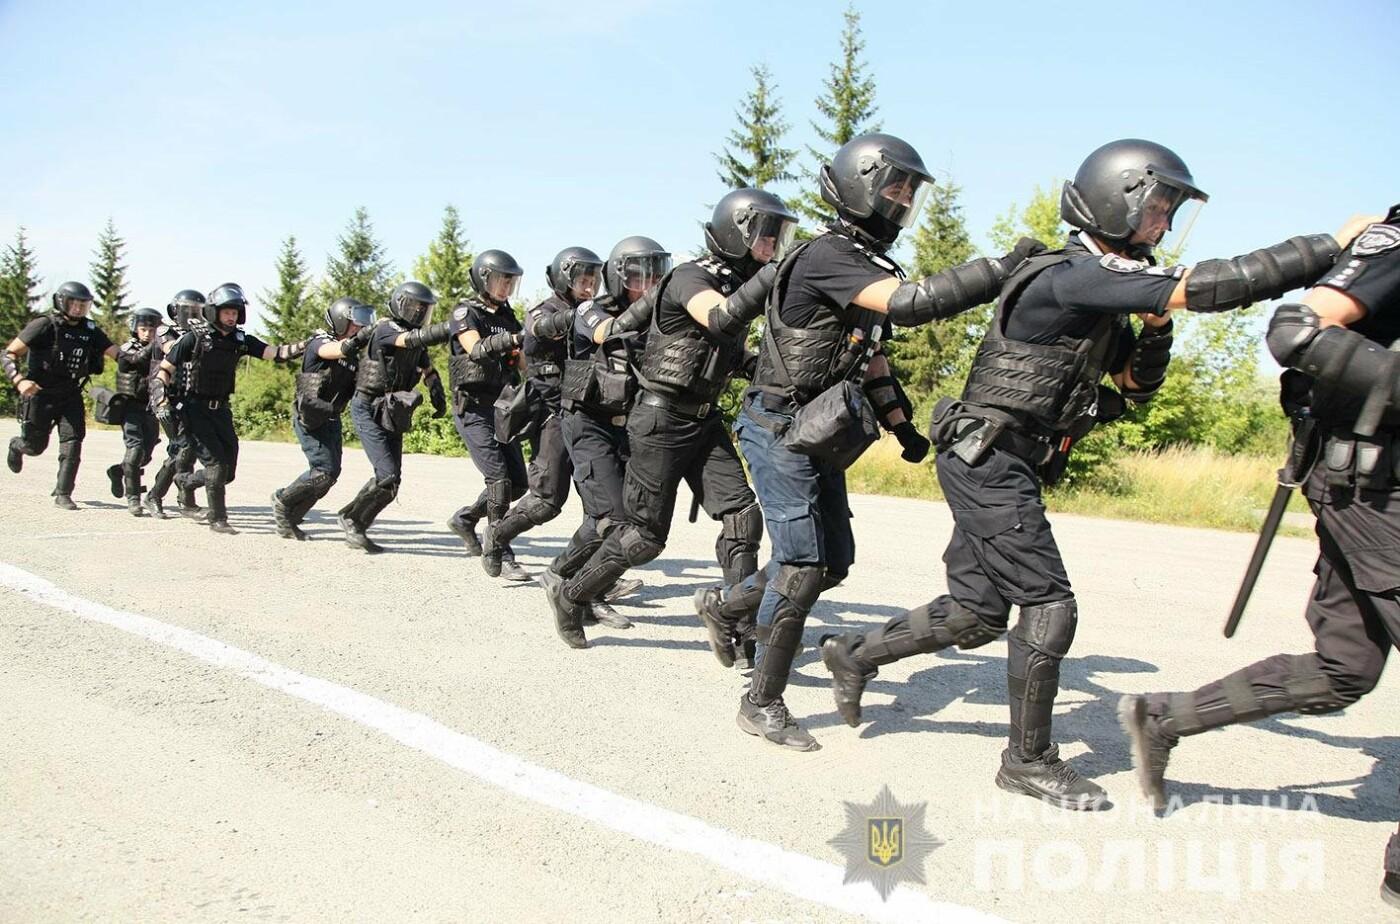 У Хмельницькому правоохоронці продовжують підготовку до забезпечення публічної безпеки і порядку під час виборів , фото-3